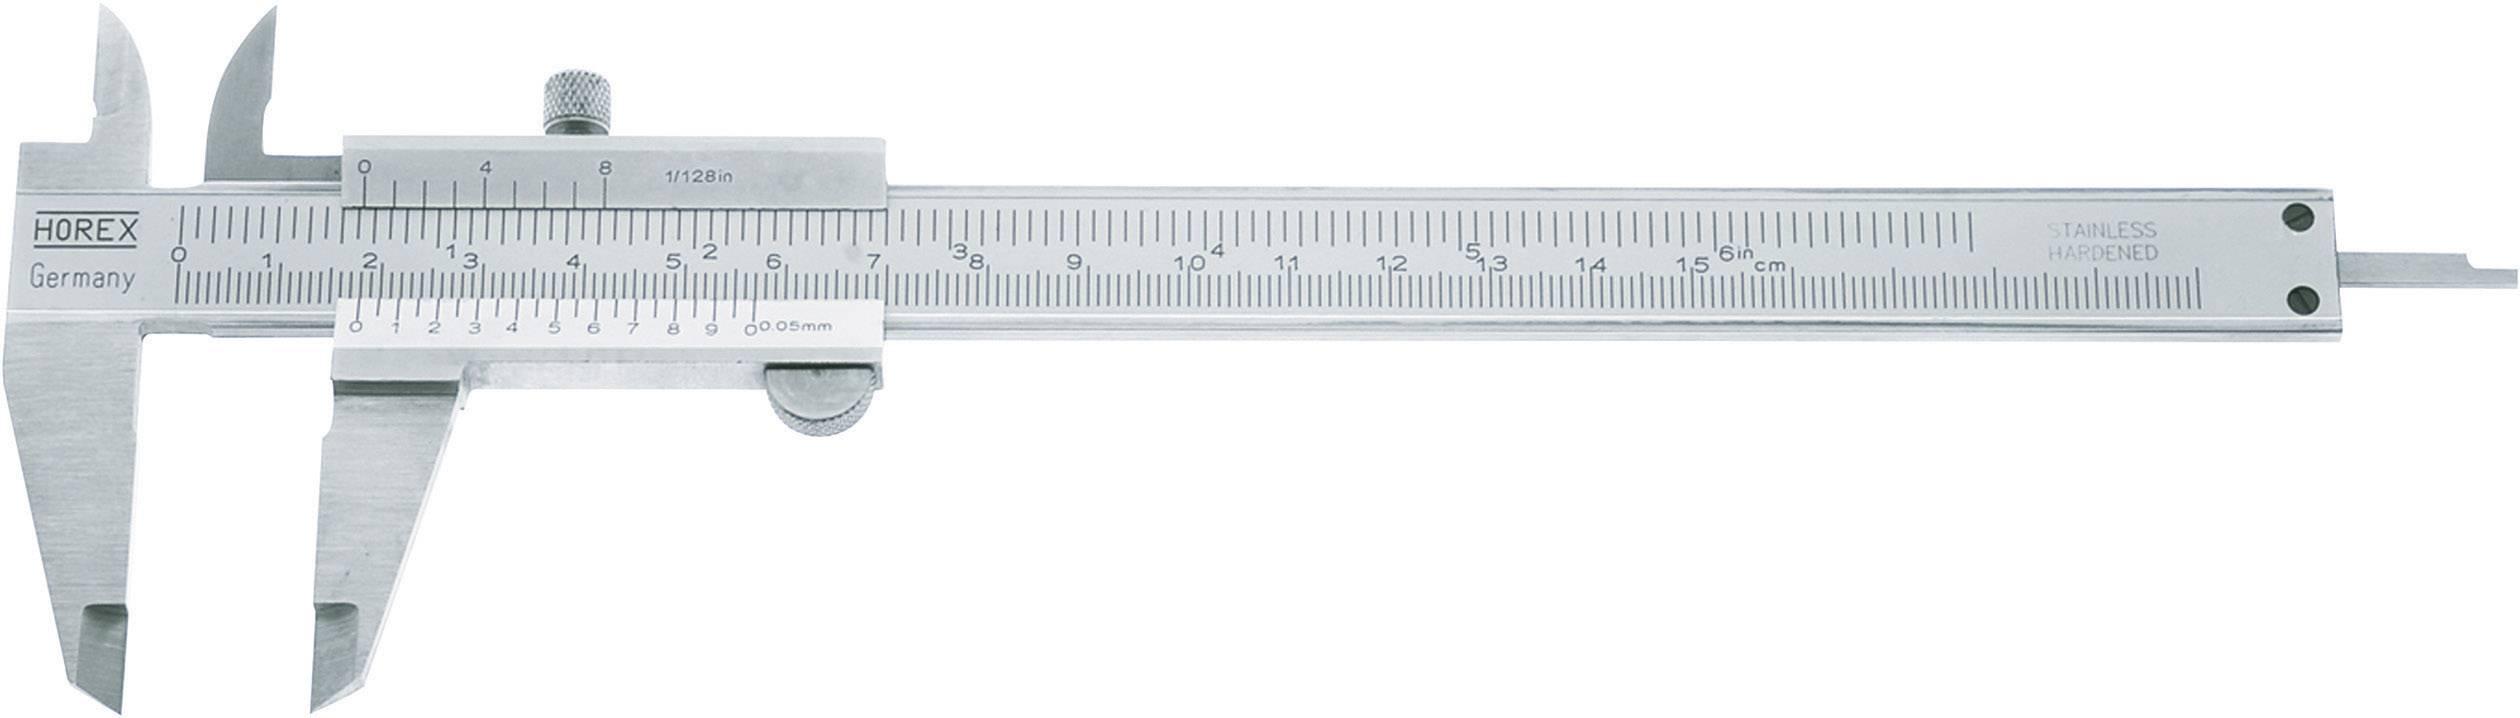 Vreckové posuvné meradlo Horex 2226522, rozsah merania 300 mm